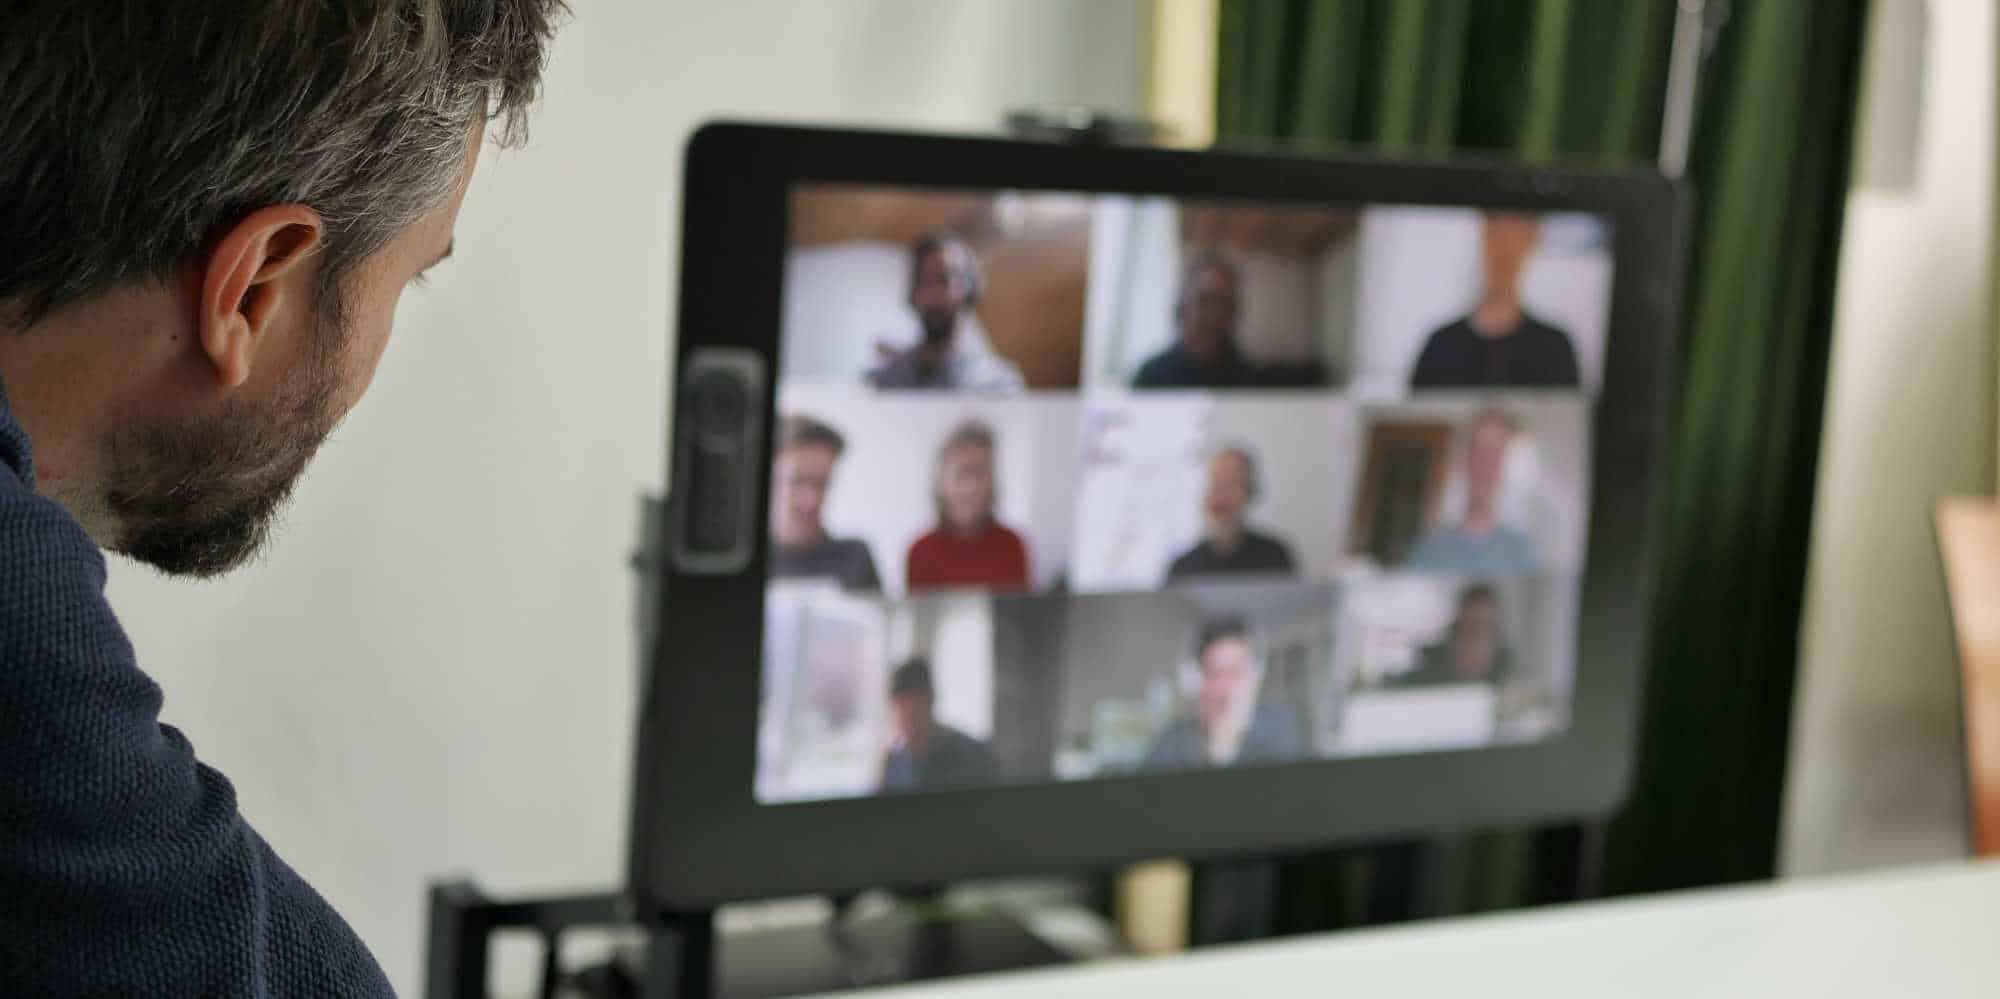 Bild: Bildschirmansicht der Online-Fortbildung aus dem Homeoffice, Foto: ver.de landschaftsarchitektur